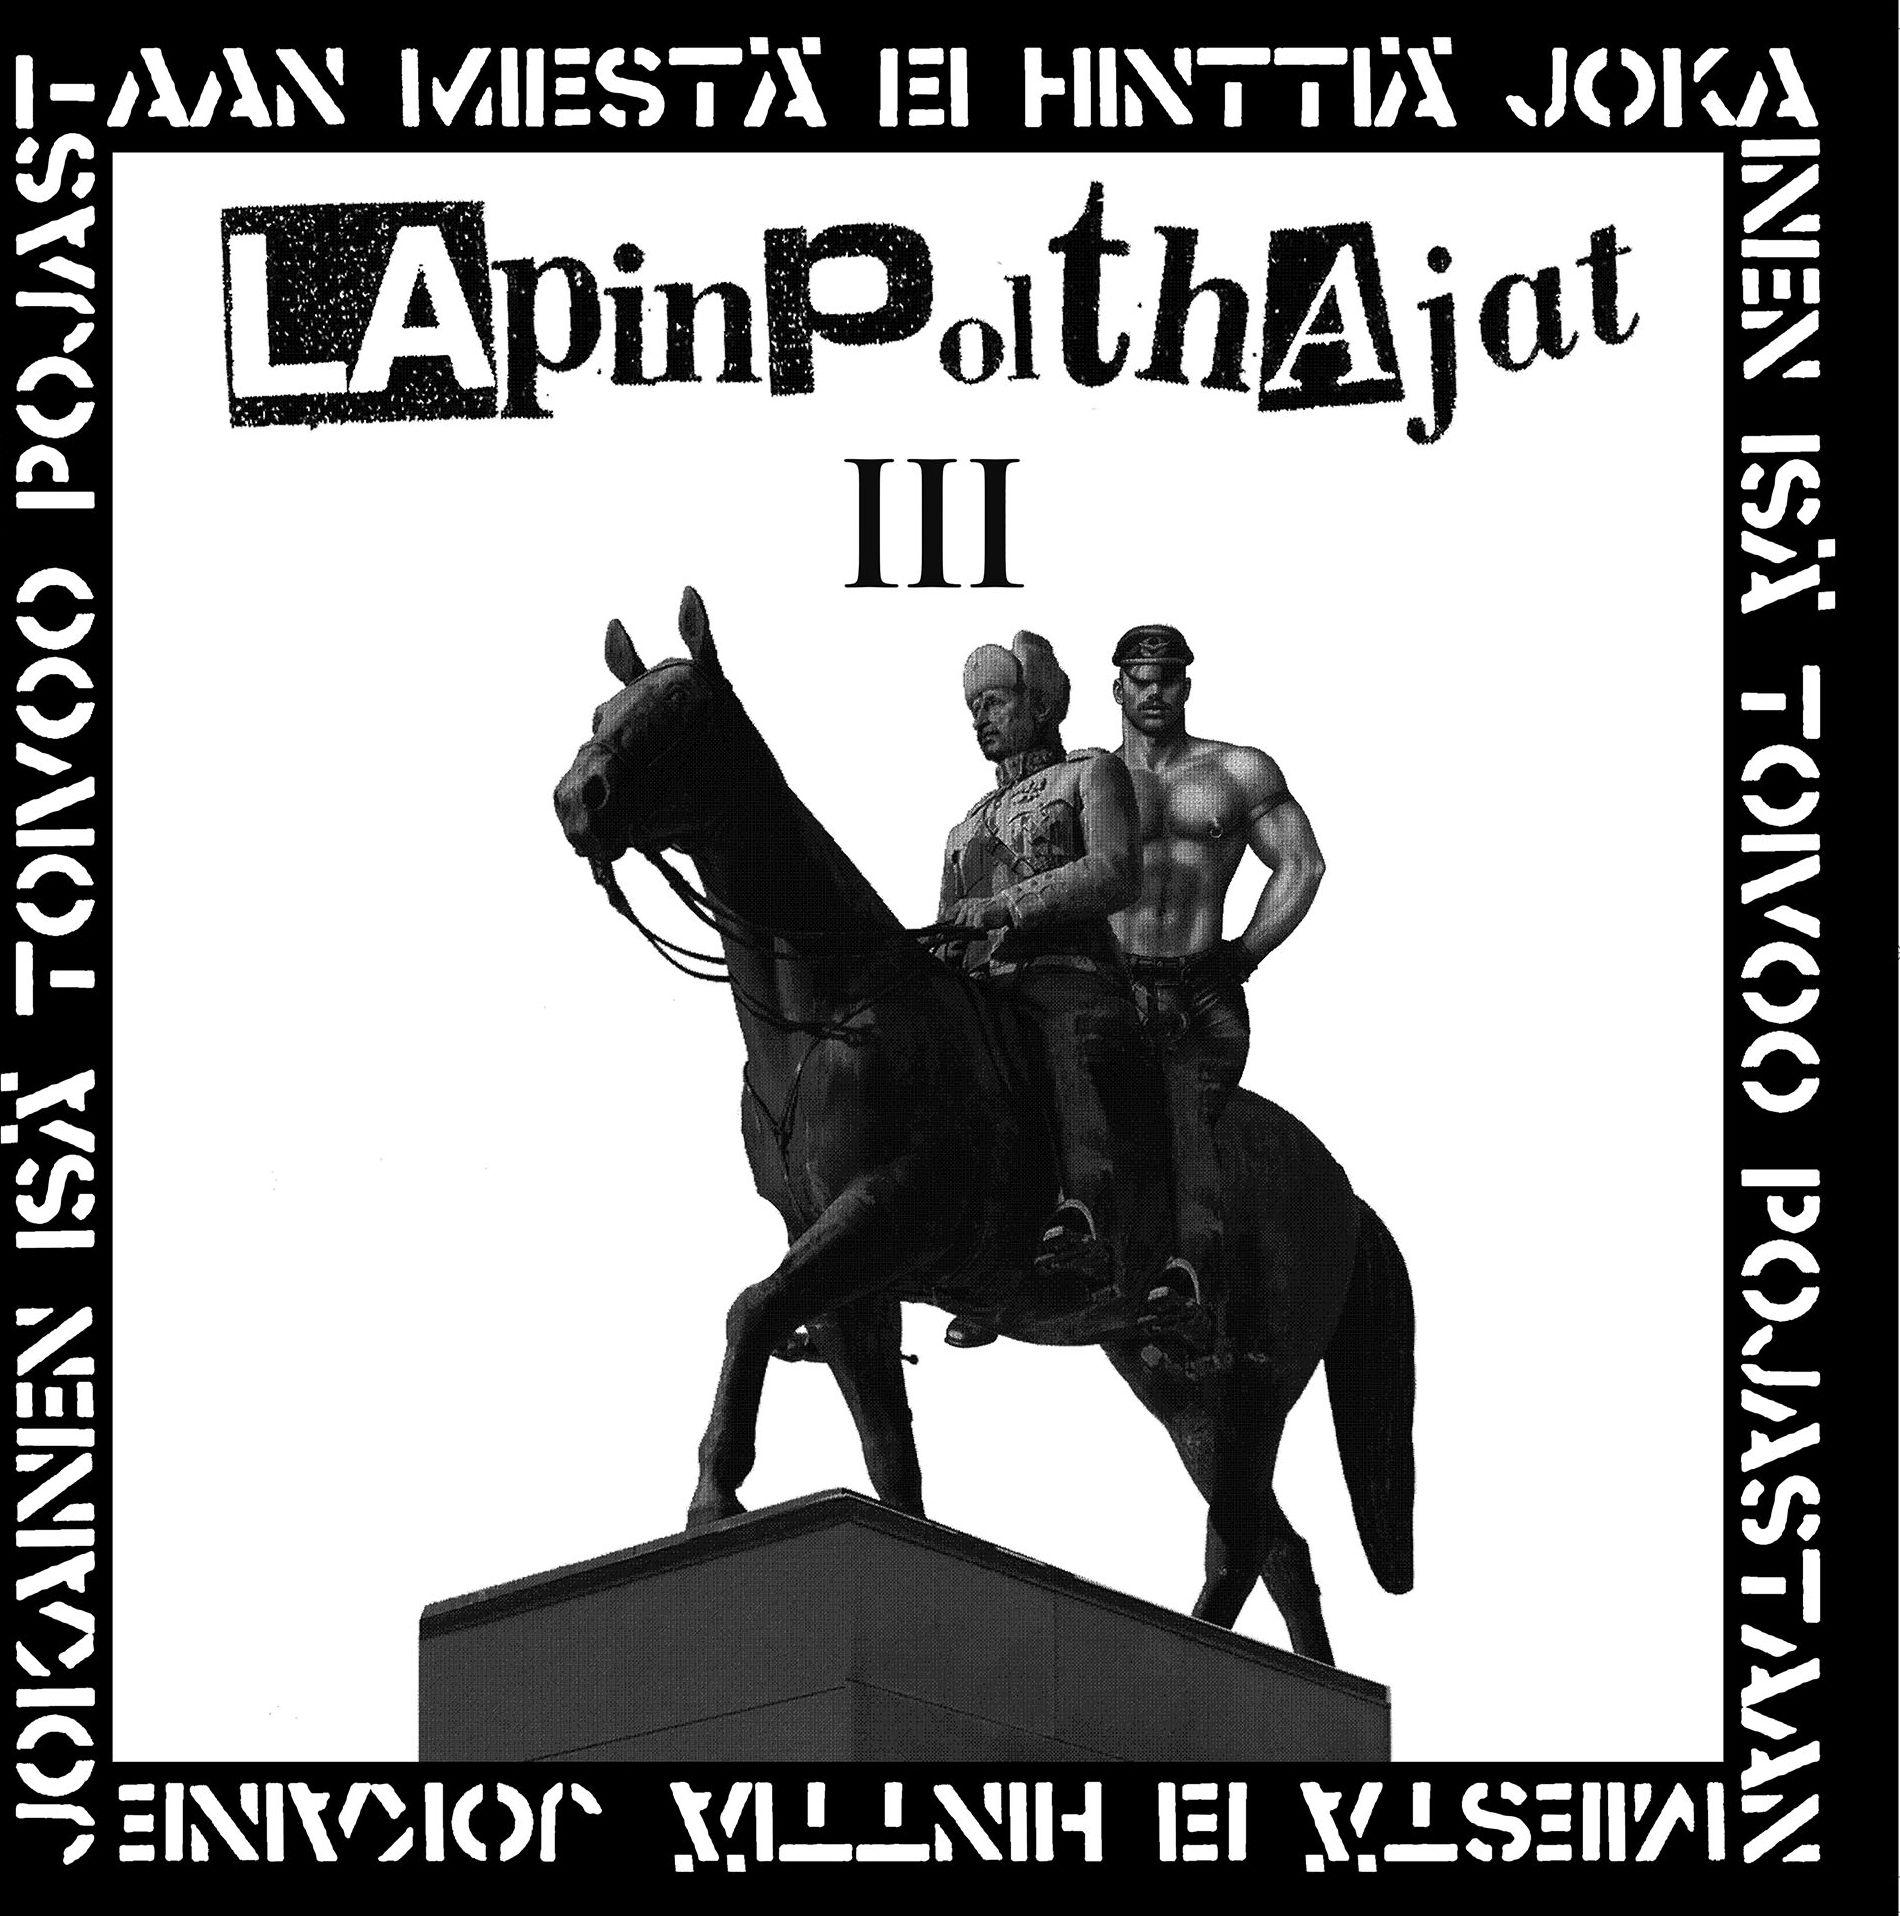 Lapinpolthajat – III